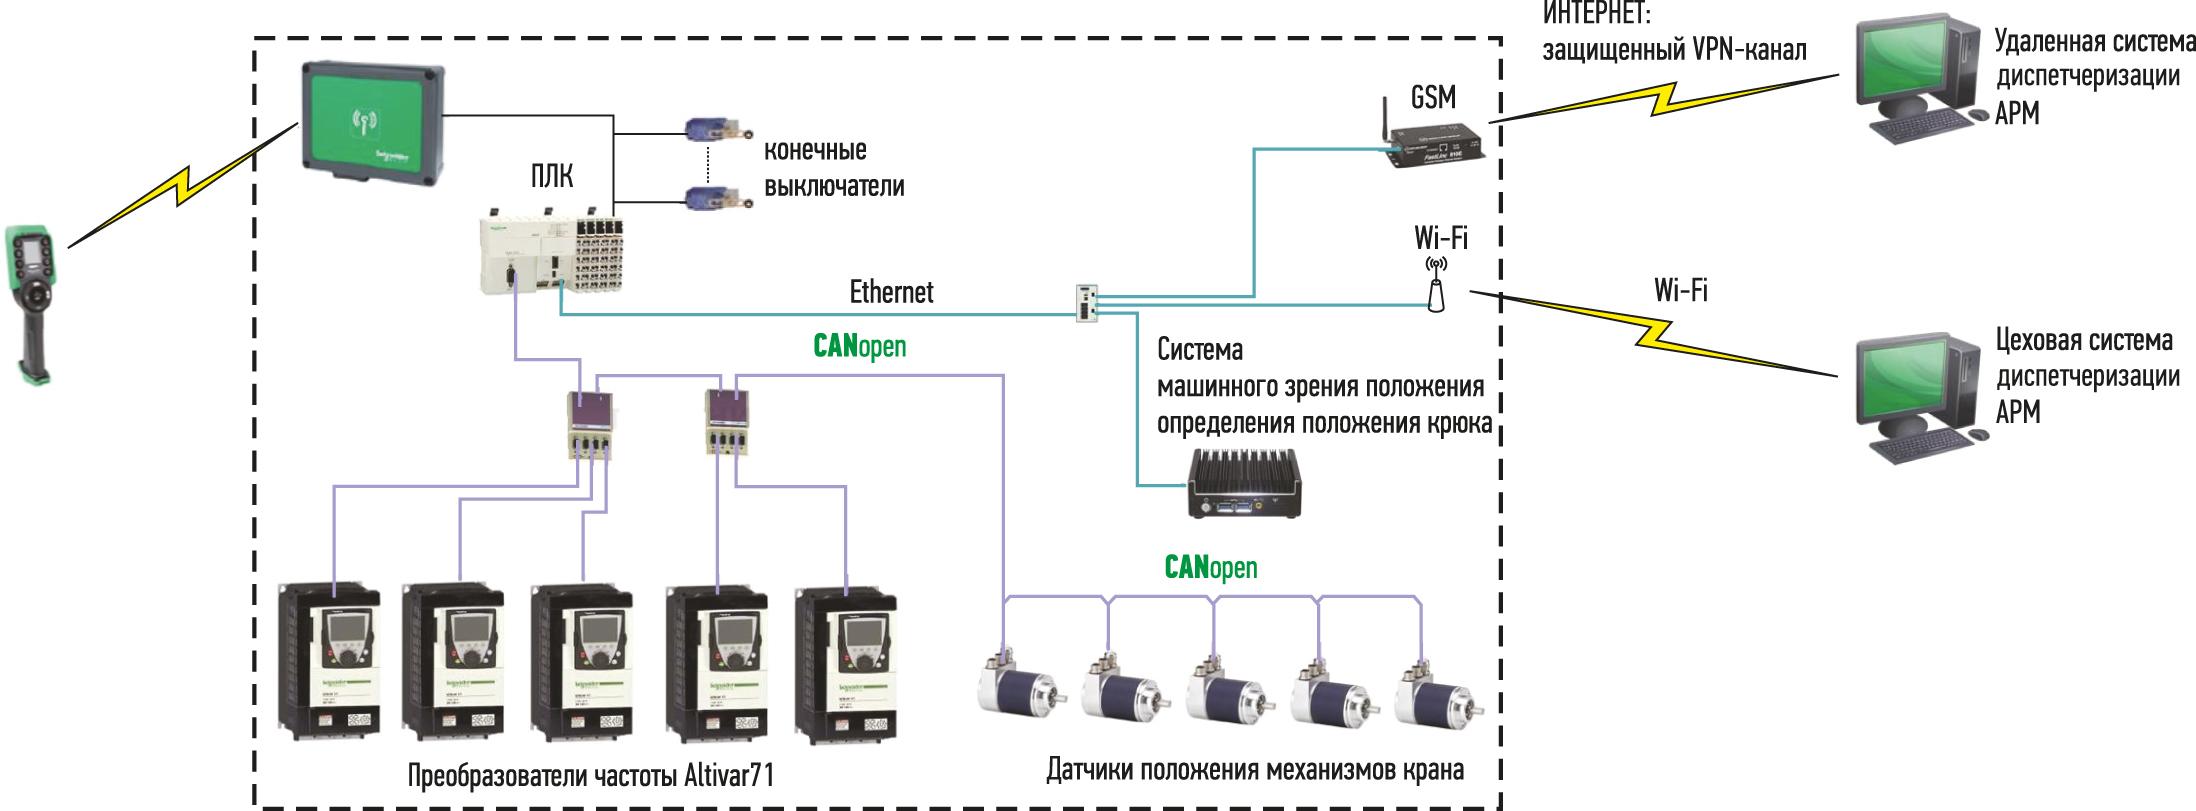 Структурная схема крановой системы автоматизации